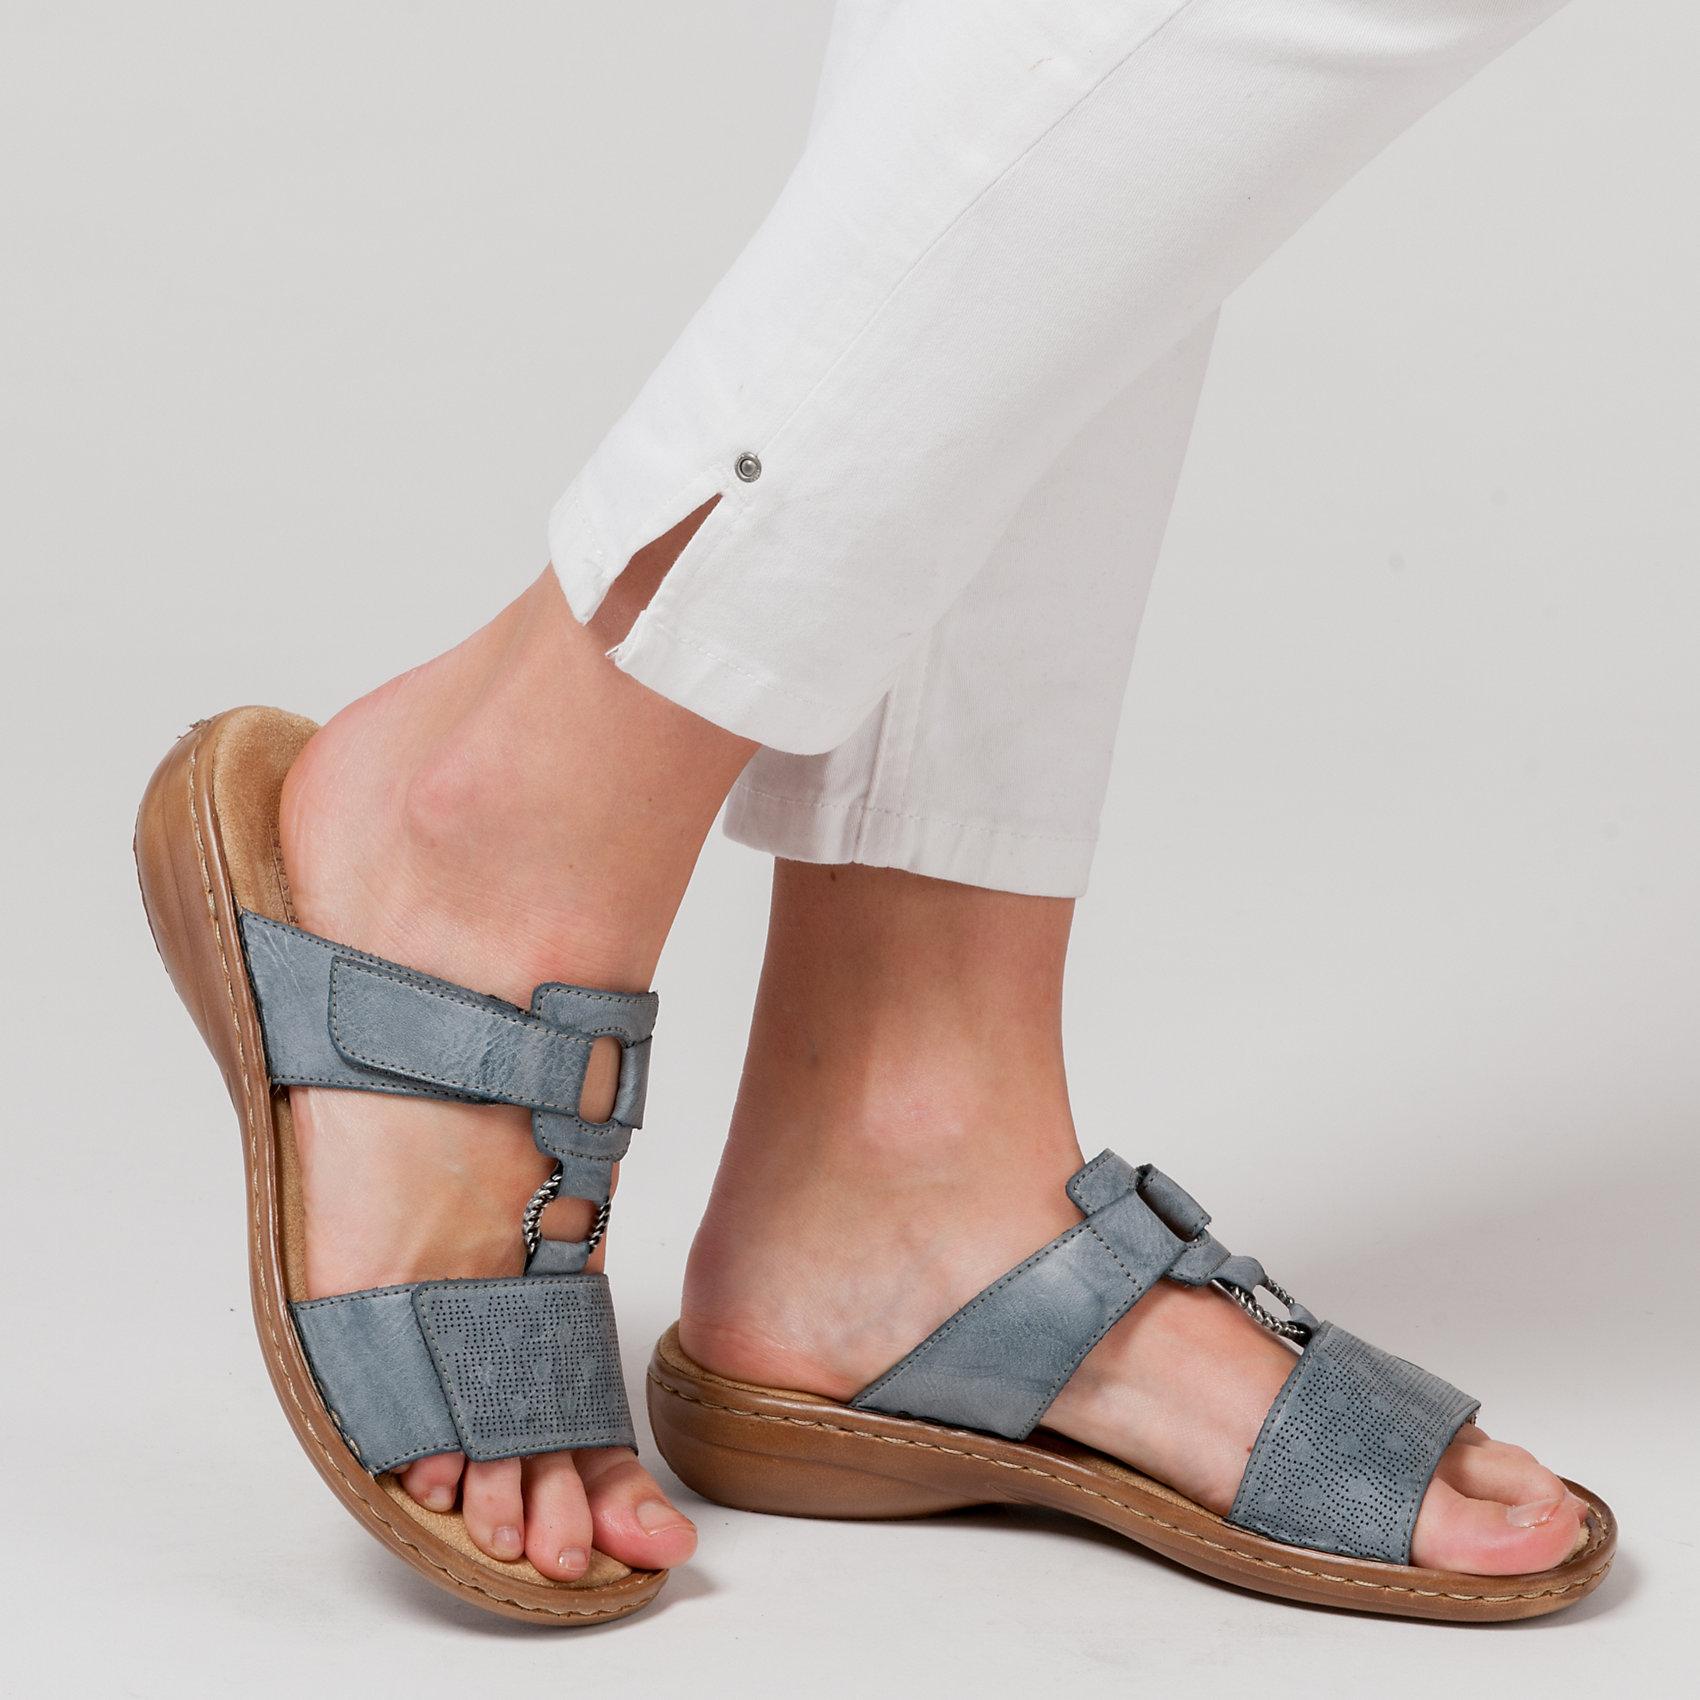 Rieker Neu Blau Für Damen Pantoletten KombiEbay 5751511 mN8nw0